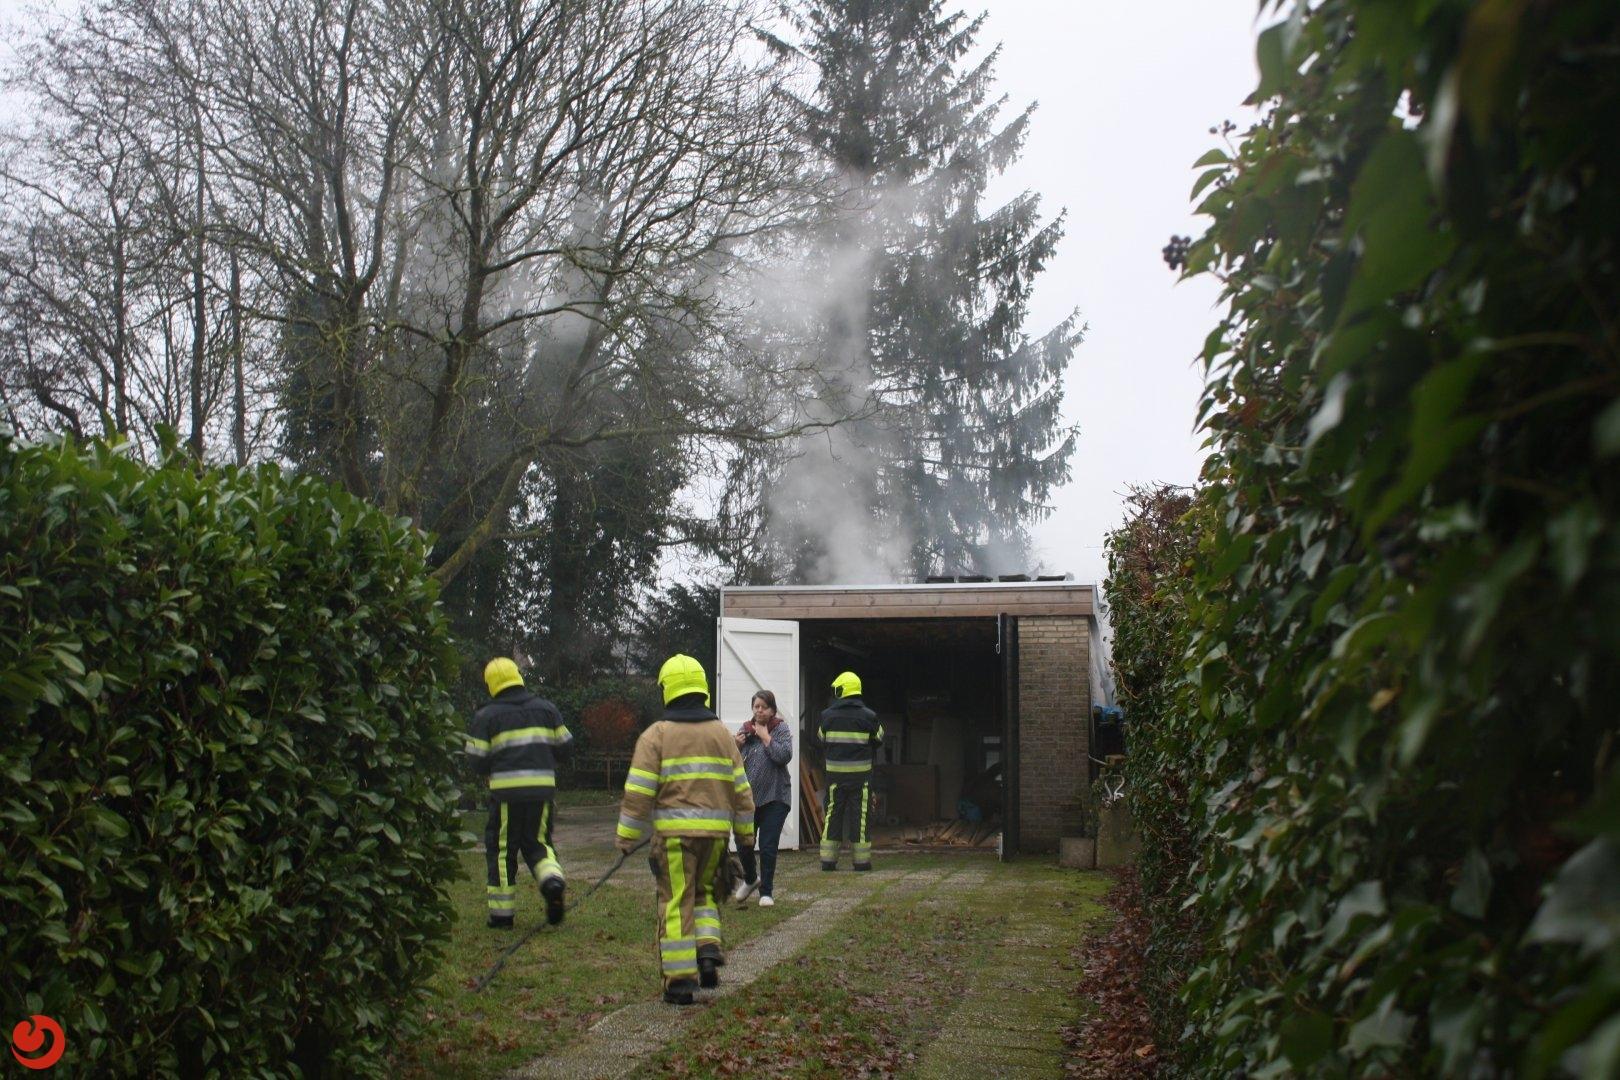 Kachel veroorzaakt brand in schuur